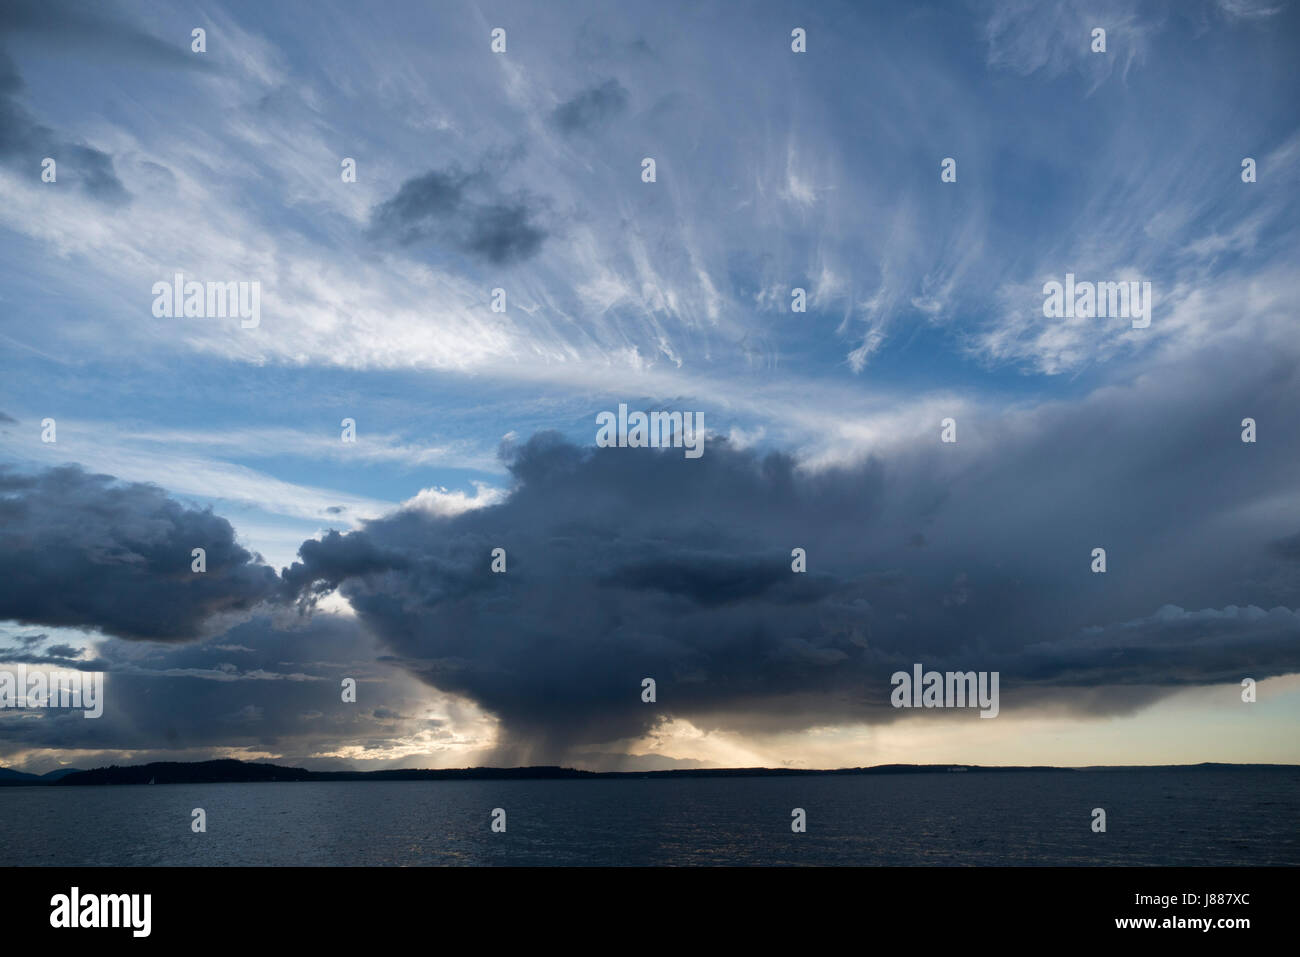 United States, Washington, Puget Sound, rain squall - Stock Image